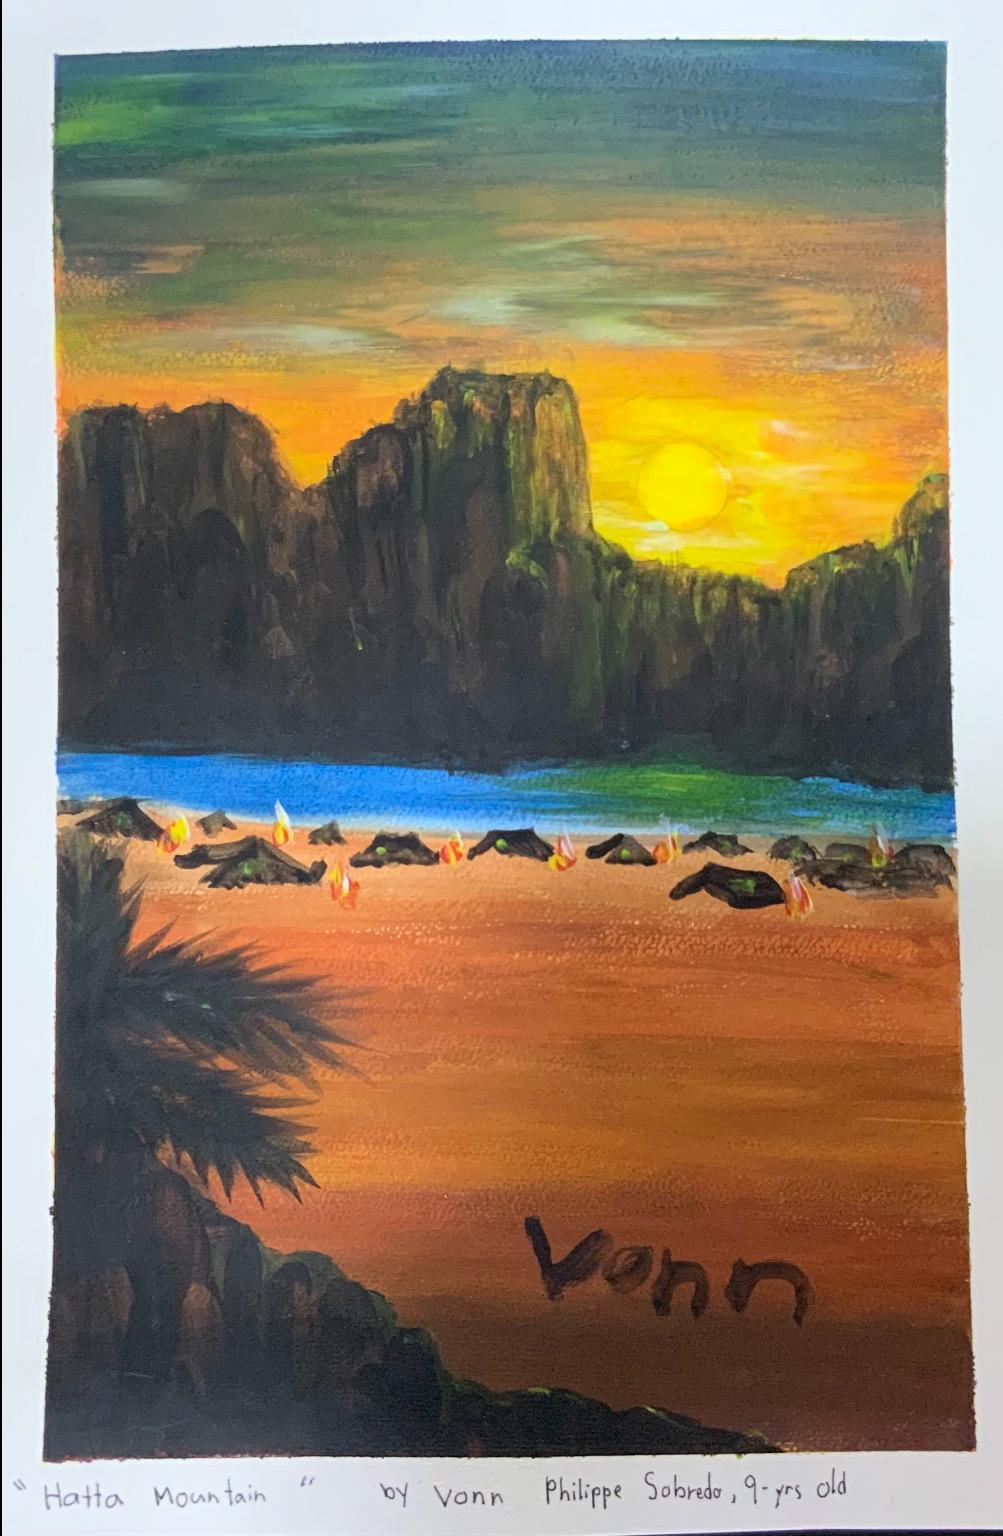 Hatta Mountain by Vonn Philippe Sobredo